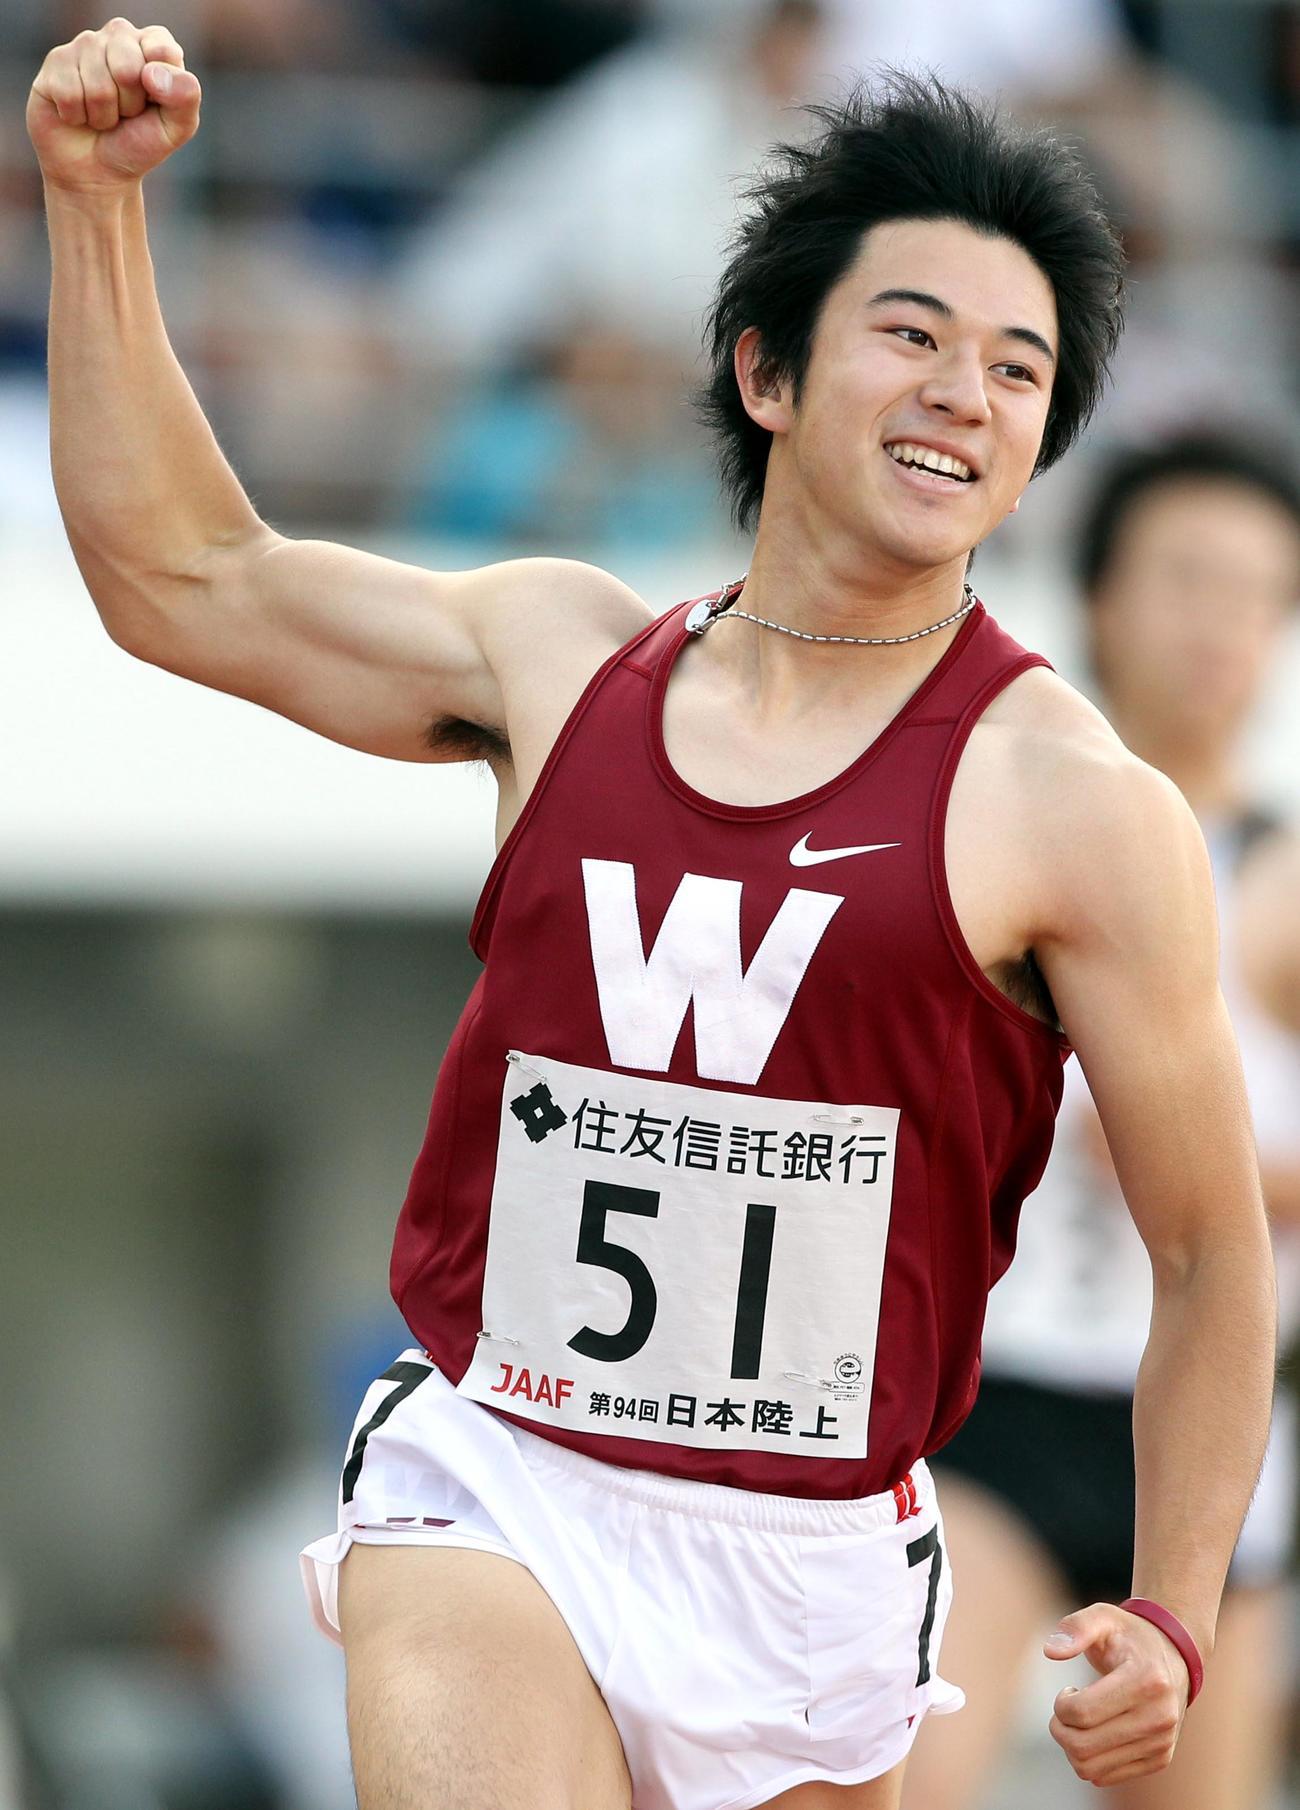 日本選手権男子100メートル決勝、優勝する江里口匡史氏(2010年6月6日撮影)